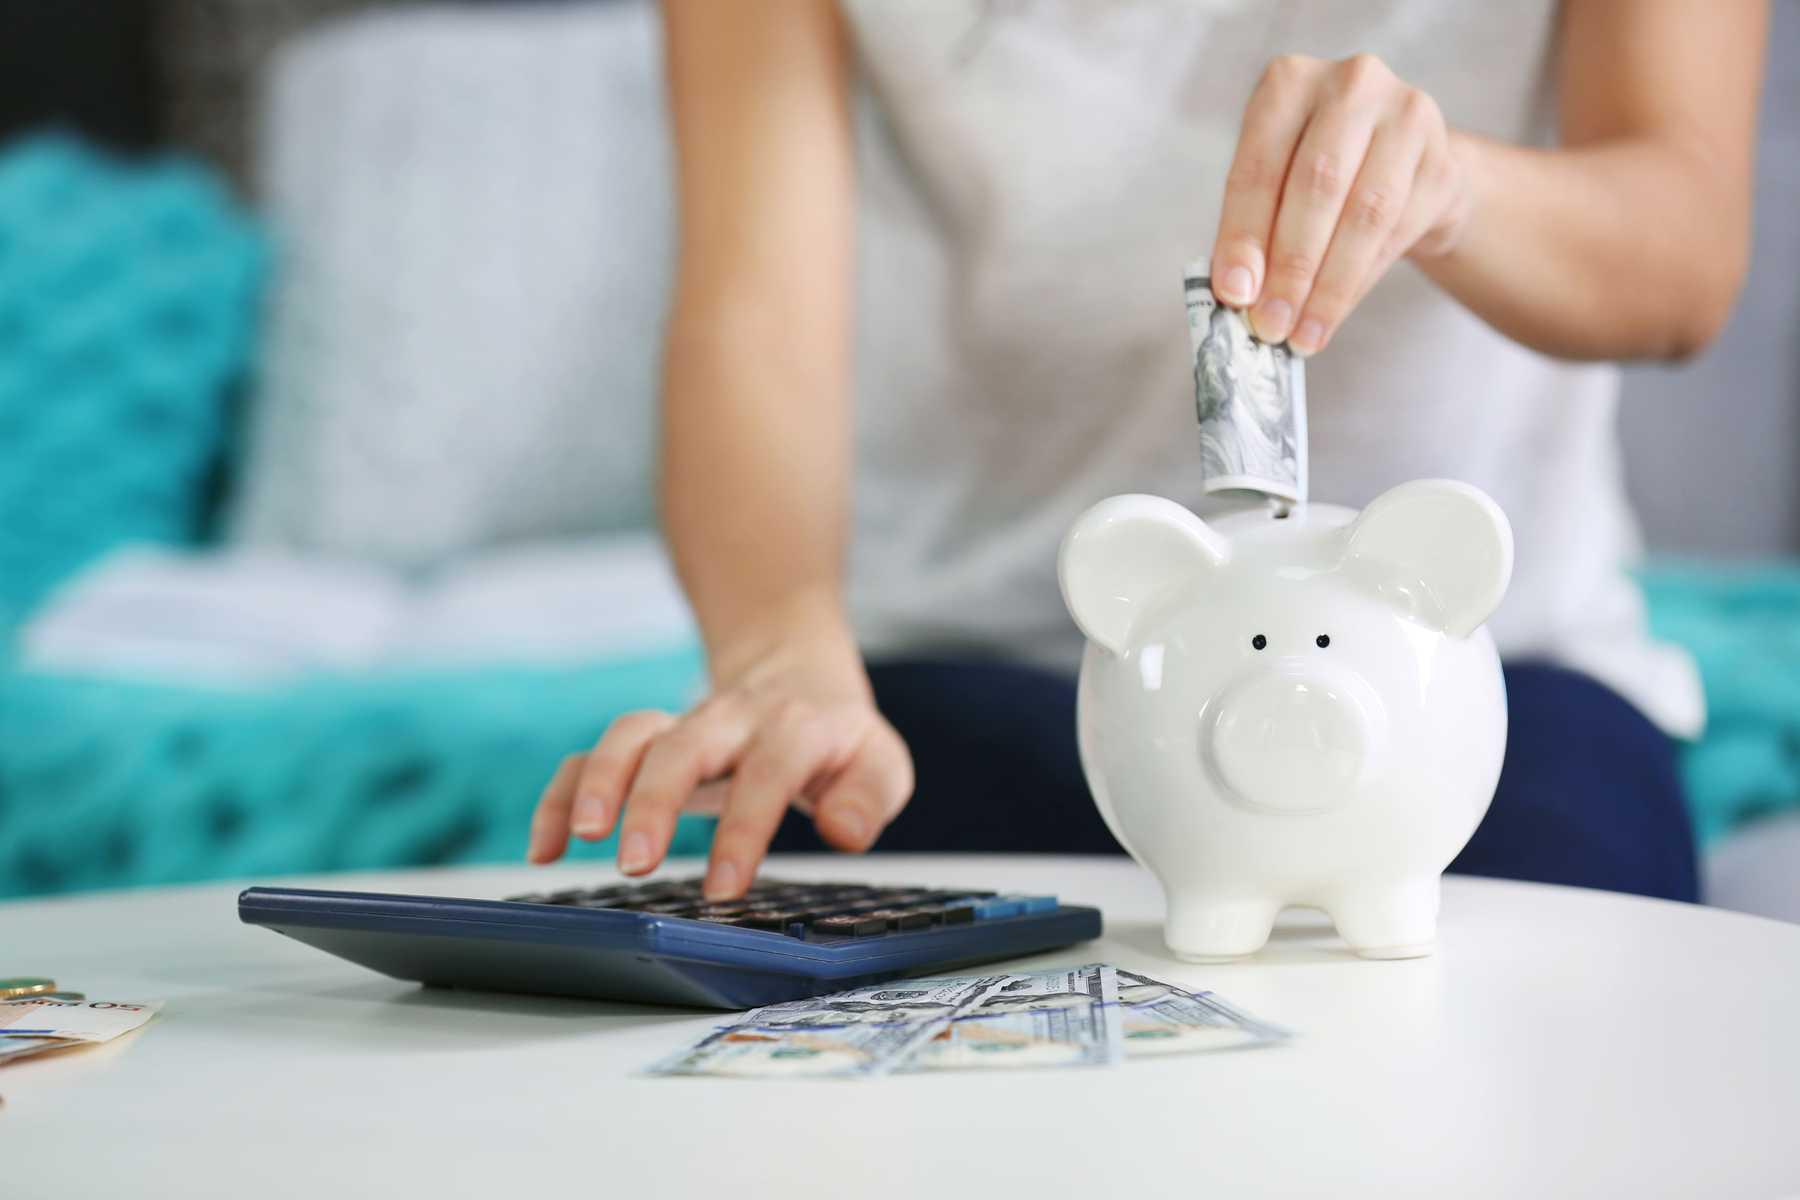 8 mẹo đơn giản giúp phụ nữ Nhật tiết kiệm chi tiêu gia đình - Ảnh 3